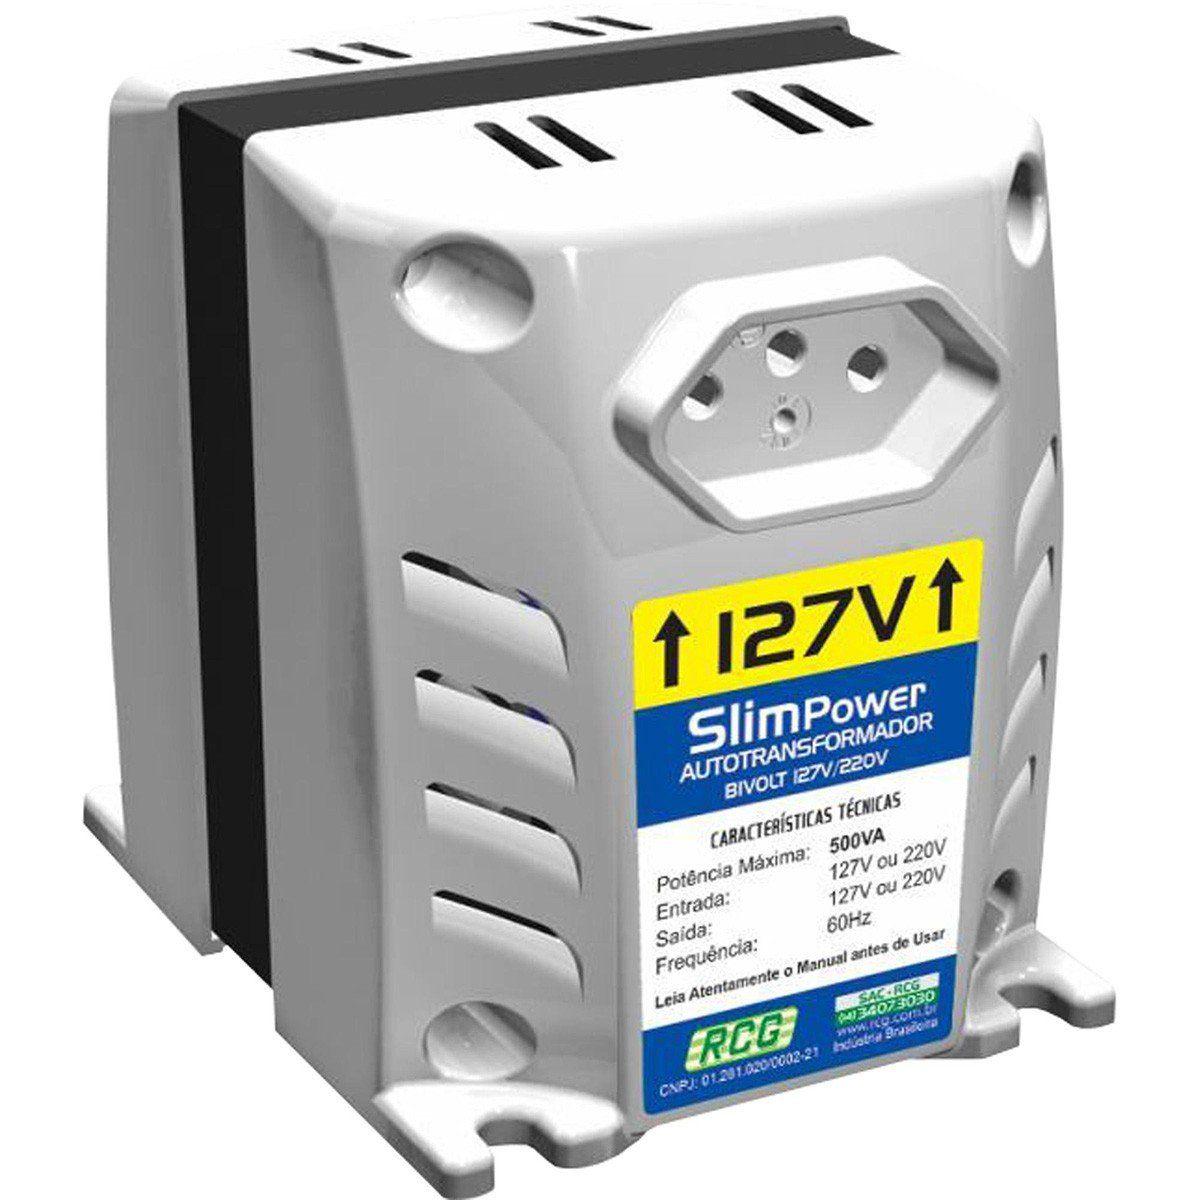 Rcg Slim Power Transformador para Conversão de Voltagem